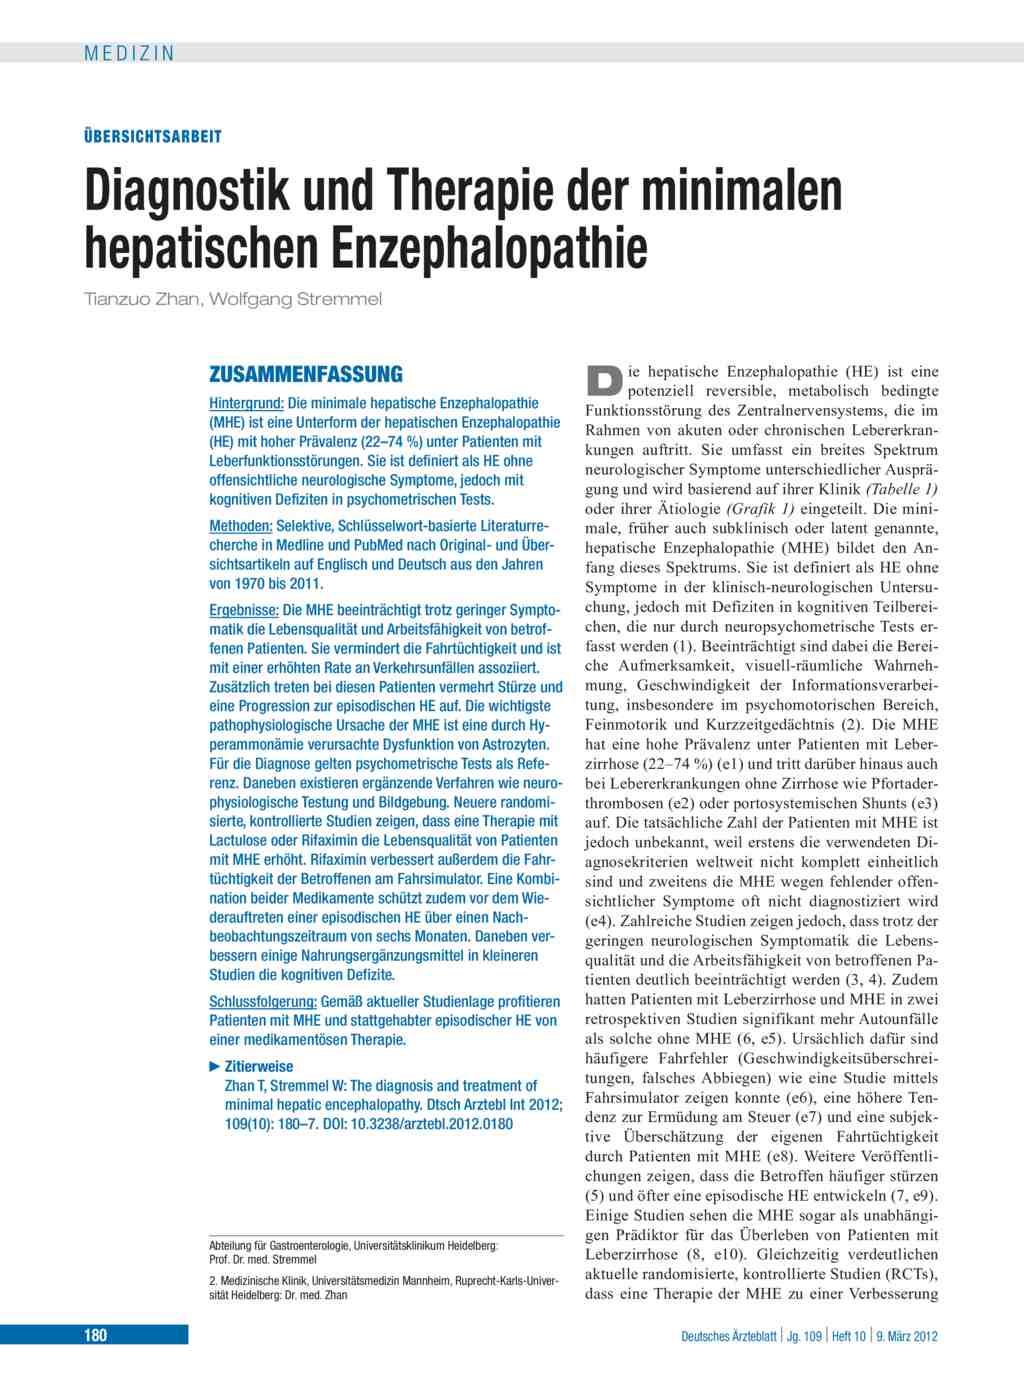 Diagnostik Und Therapie Der Minimalen Hepatischen Enzephalopathie